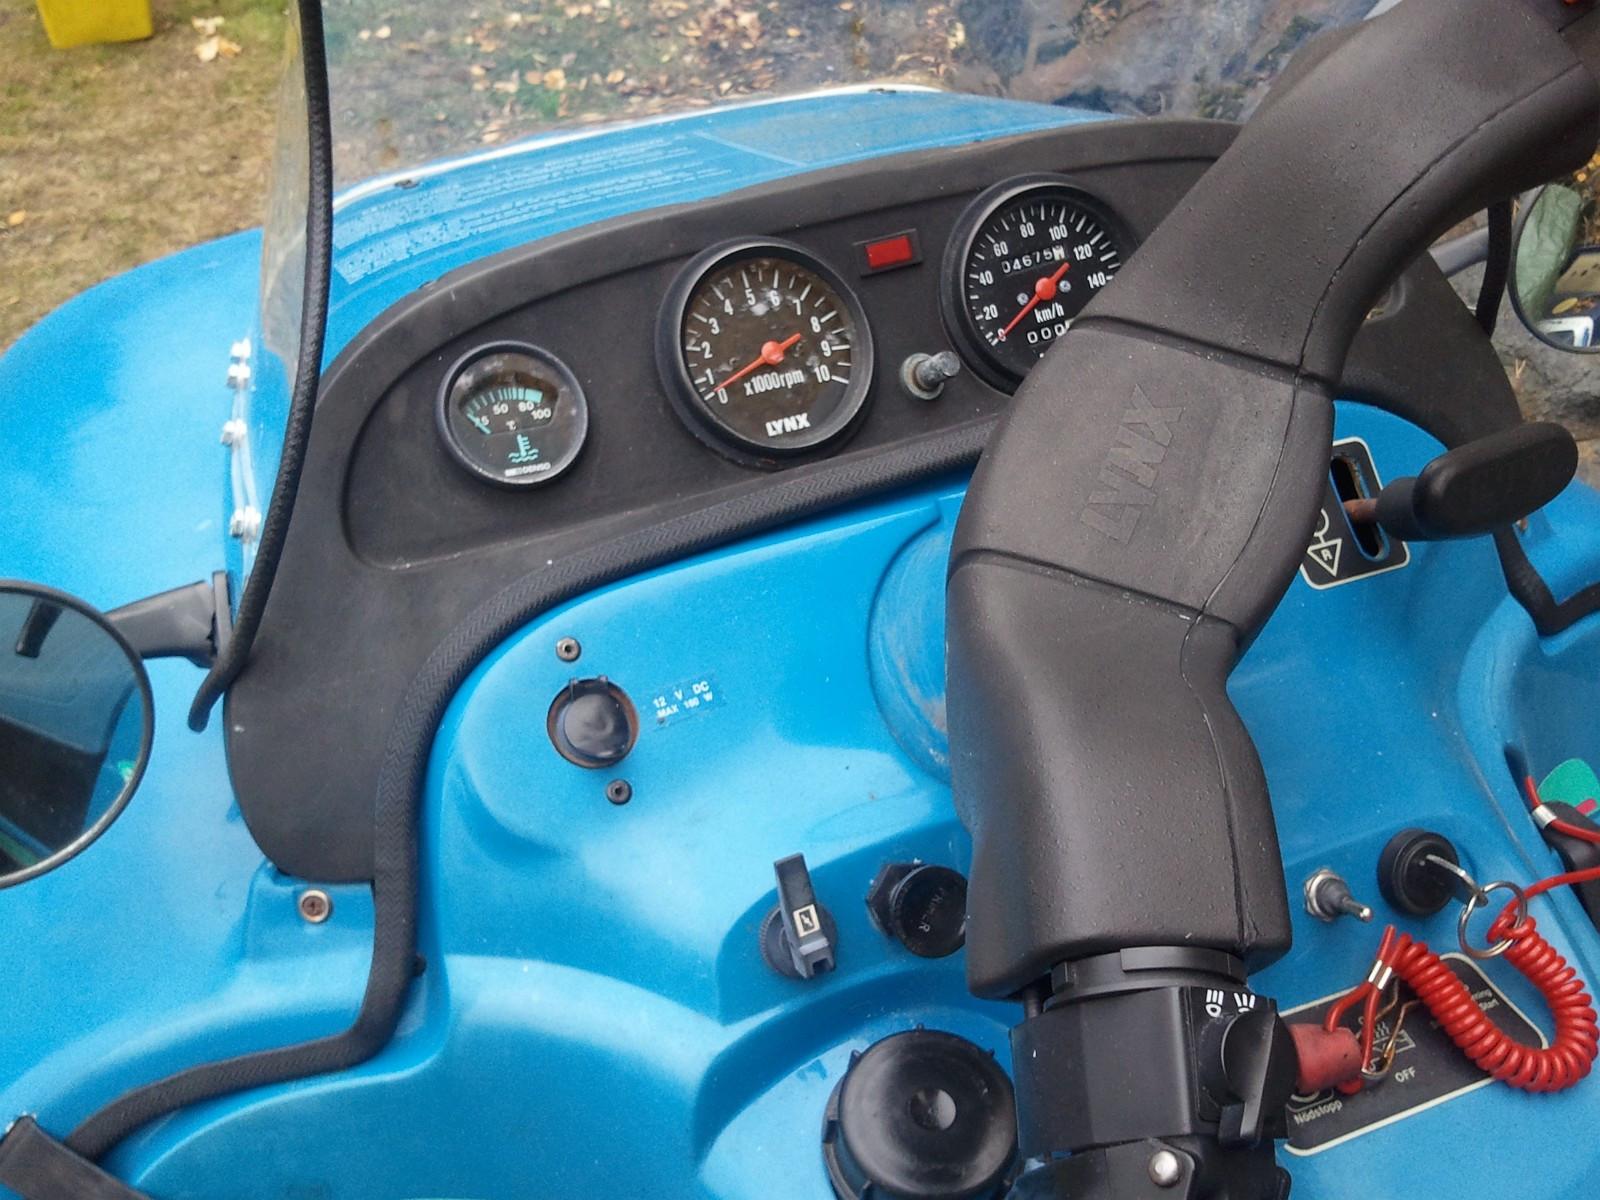 Lynx Cobra 92 mod. Selges byttes, hel-deler. - Dokka  - Cobra touring 92 mod. mye bra og god motor. Selges eller byttes. Kom med bud/forslag til: Nitreseksfirefirenullfiretre. - Dokka